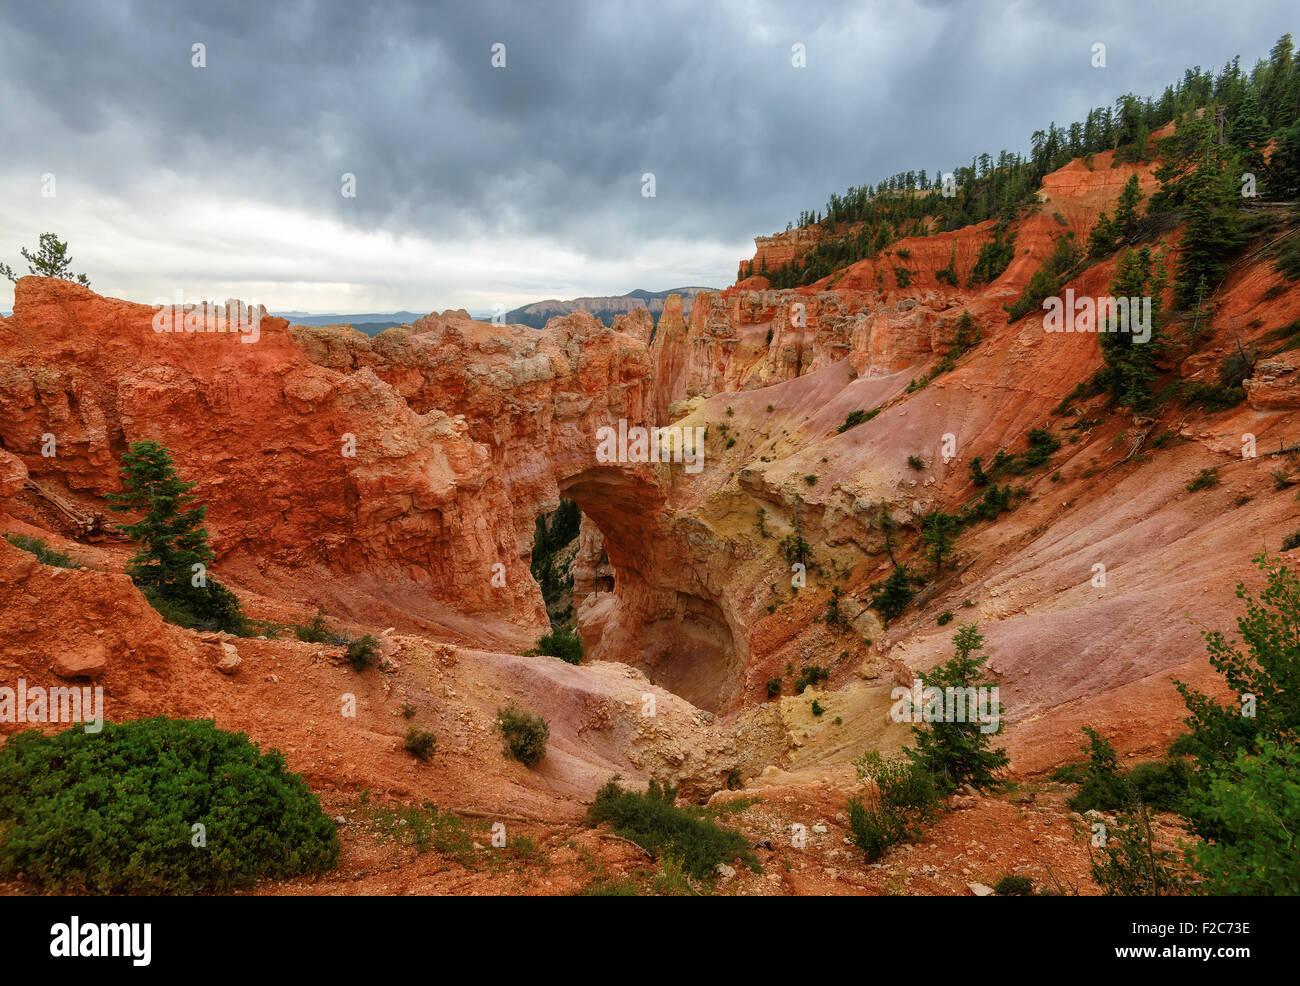 Natural Stone Bridge/Arch at Bryce Canyon, Utah - Stock Image